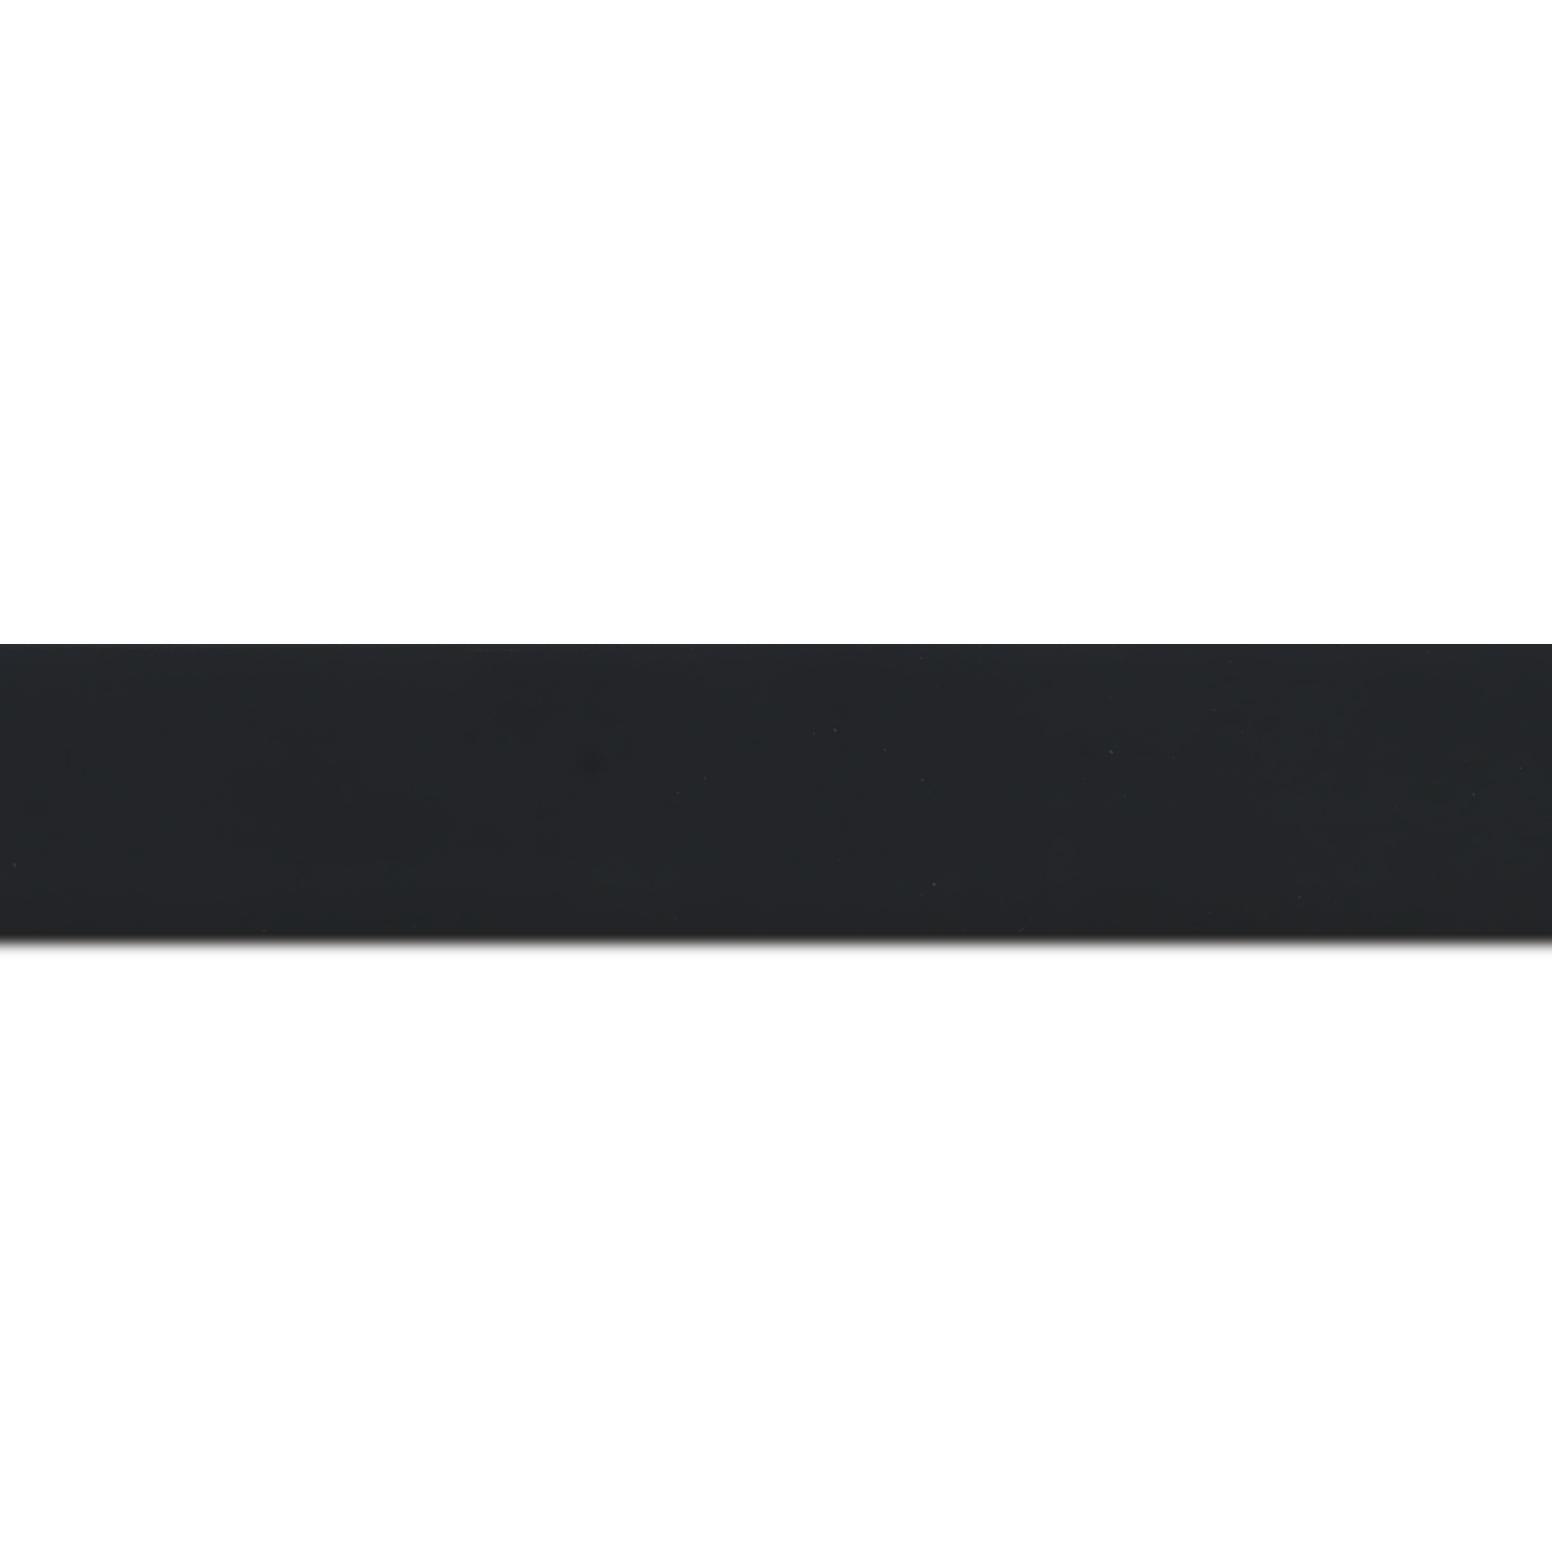 Baguette longueur 1.40m bois profil plat largeur 3cm couleur noir mat finition pore bouché effet cube (le sujet qui sera glissé dans le cadre sera en retrait de la face du cadre de 1.4cm assurant un effet très contemporain)